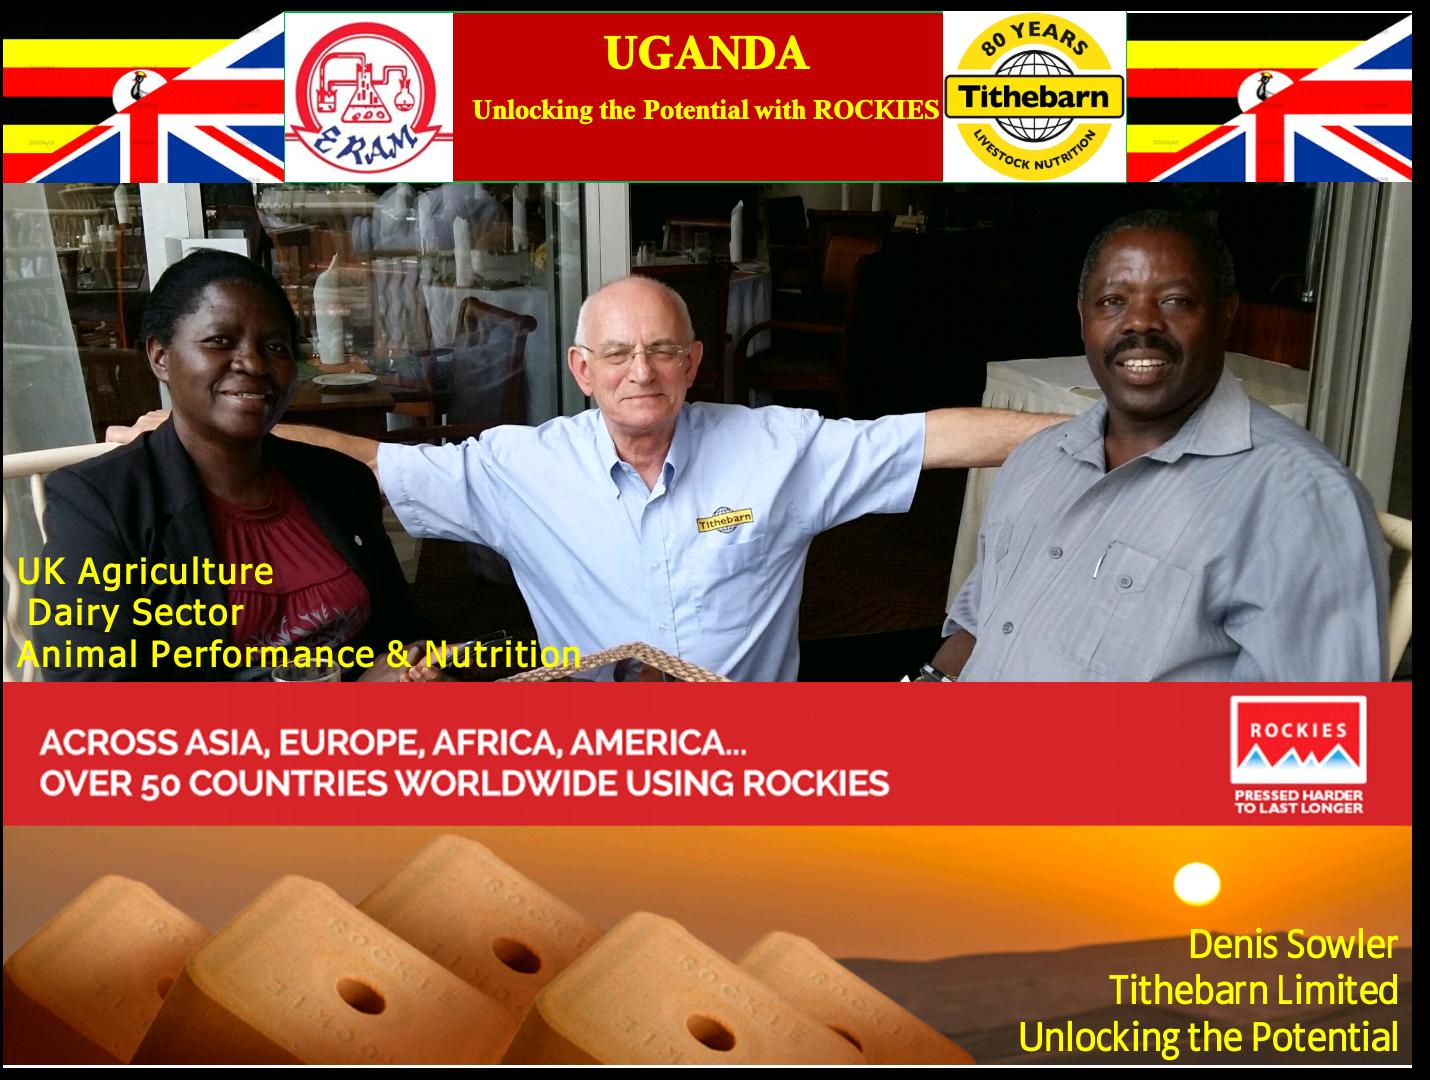 Eram-Uganda 2016